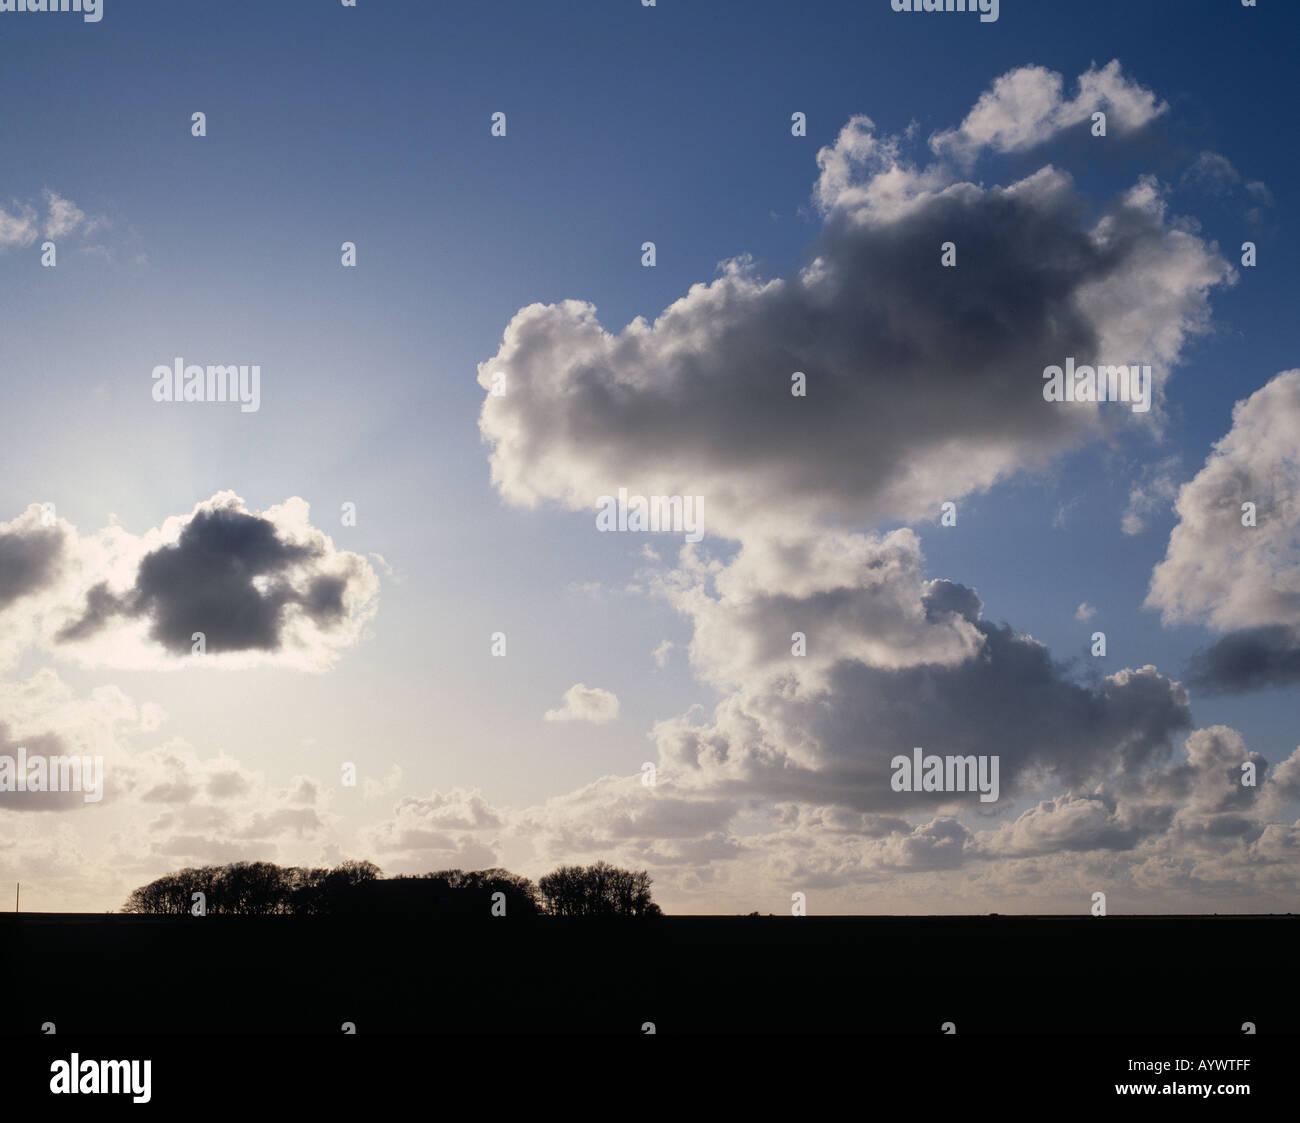 Wolkenstimmung, dunkle Wolken am Himmel - Stock Image